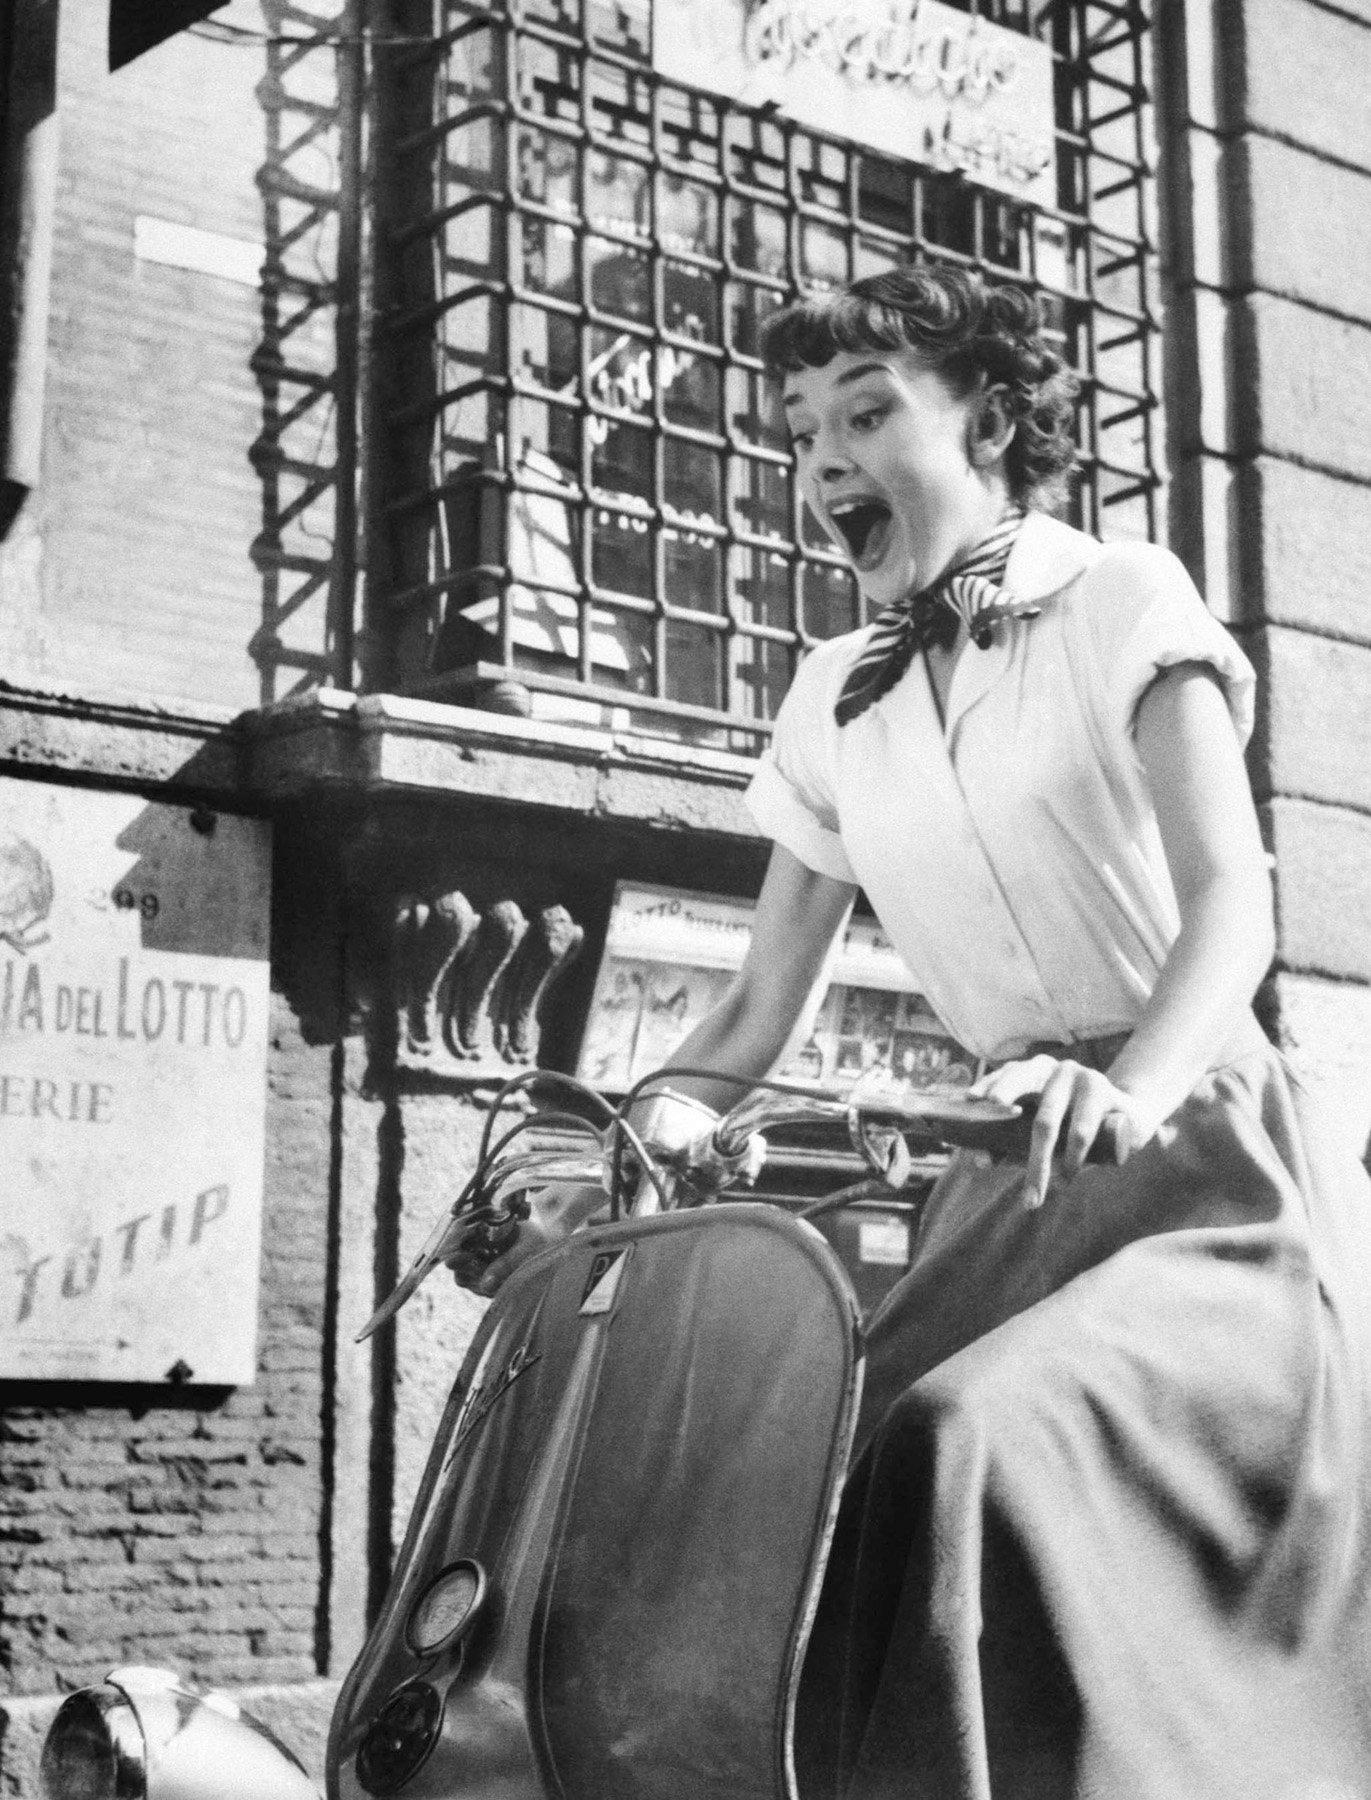 Audrey Hepburn and her Vespa Audrey Hepburn and her Vespa